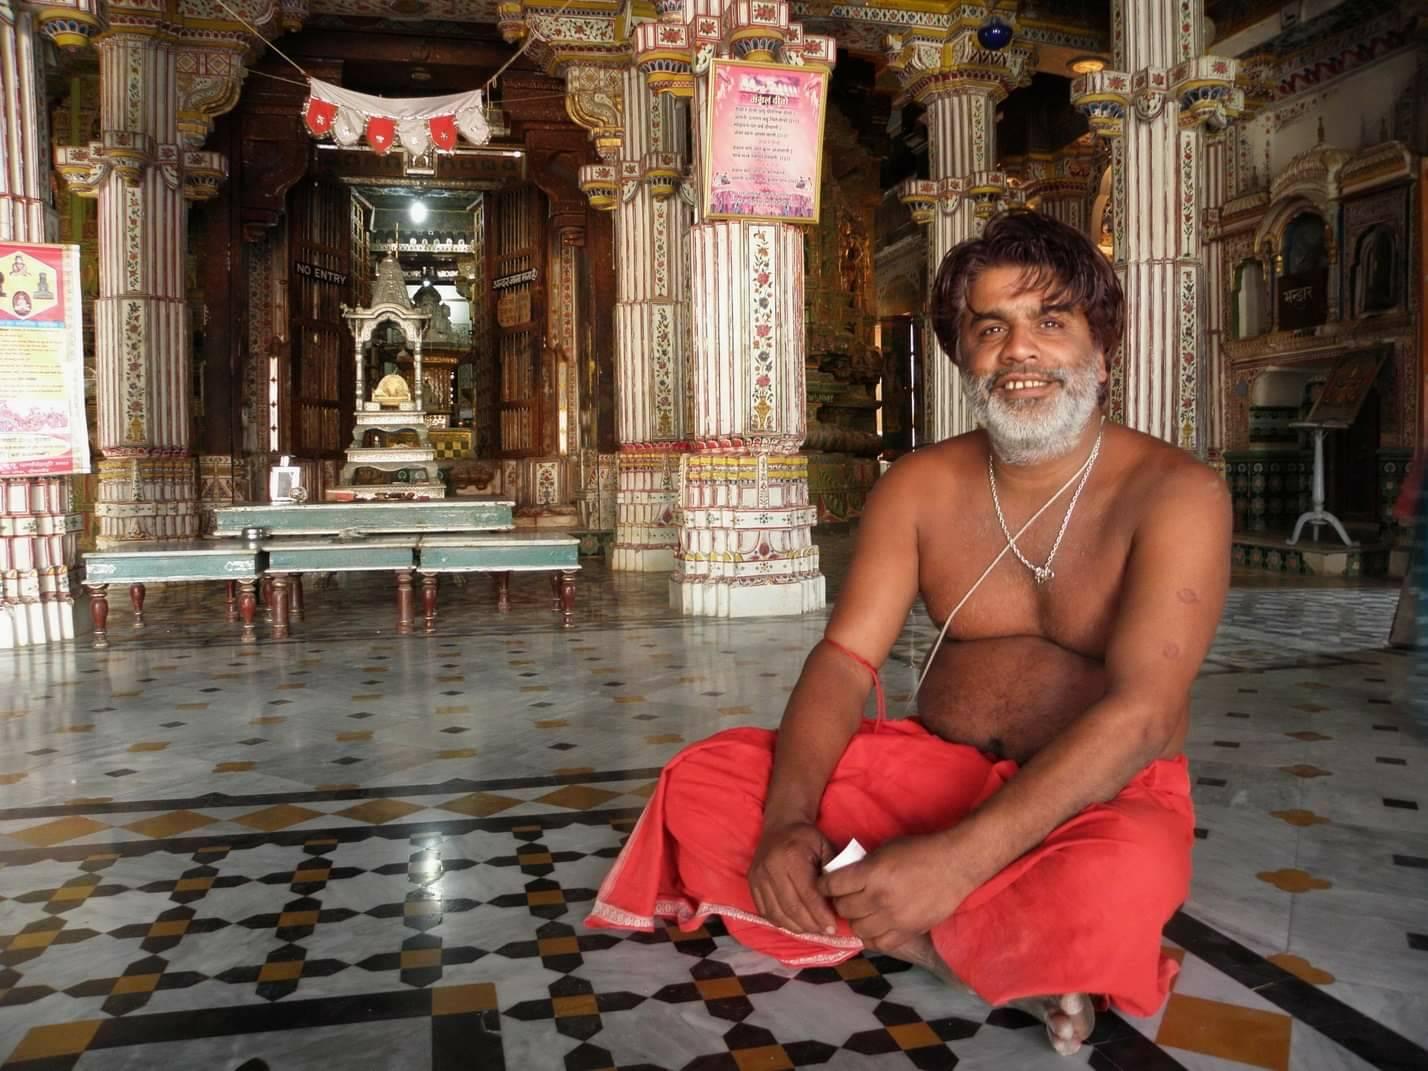 ชน, ศาสนาเชน, ศาสนสถาน, อินเดีย